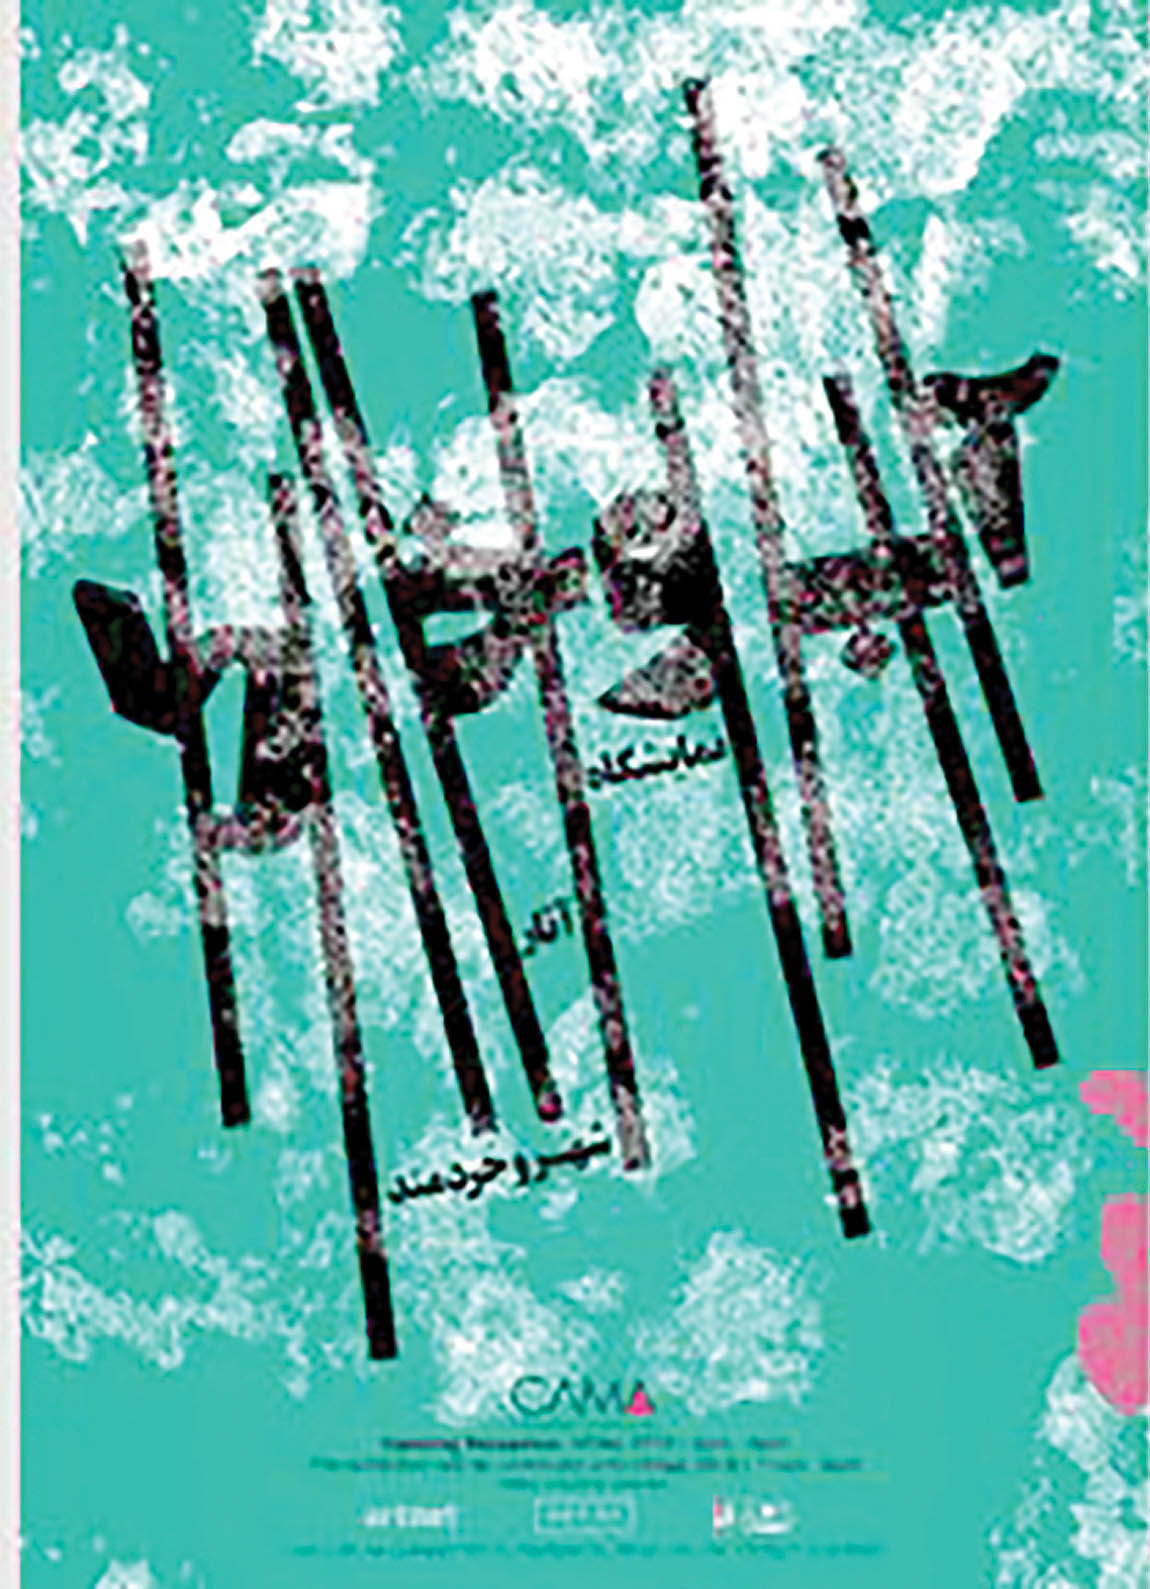 نمایشگاه آثار نقاشی شهرو خردمند در گالری کاما